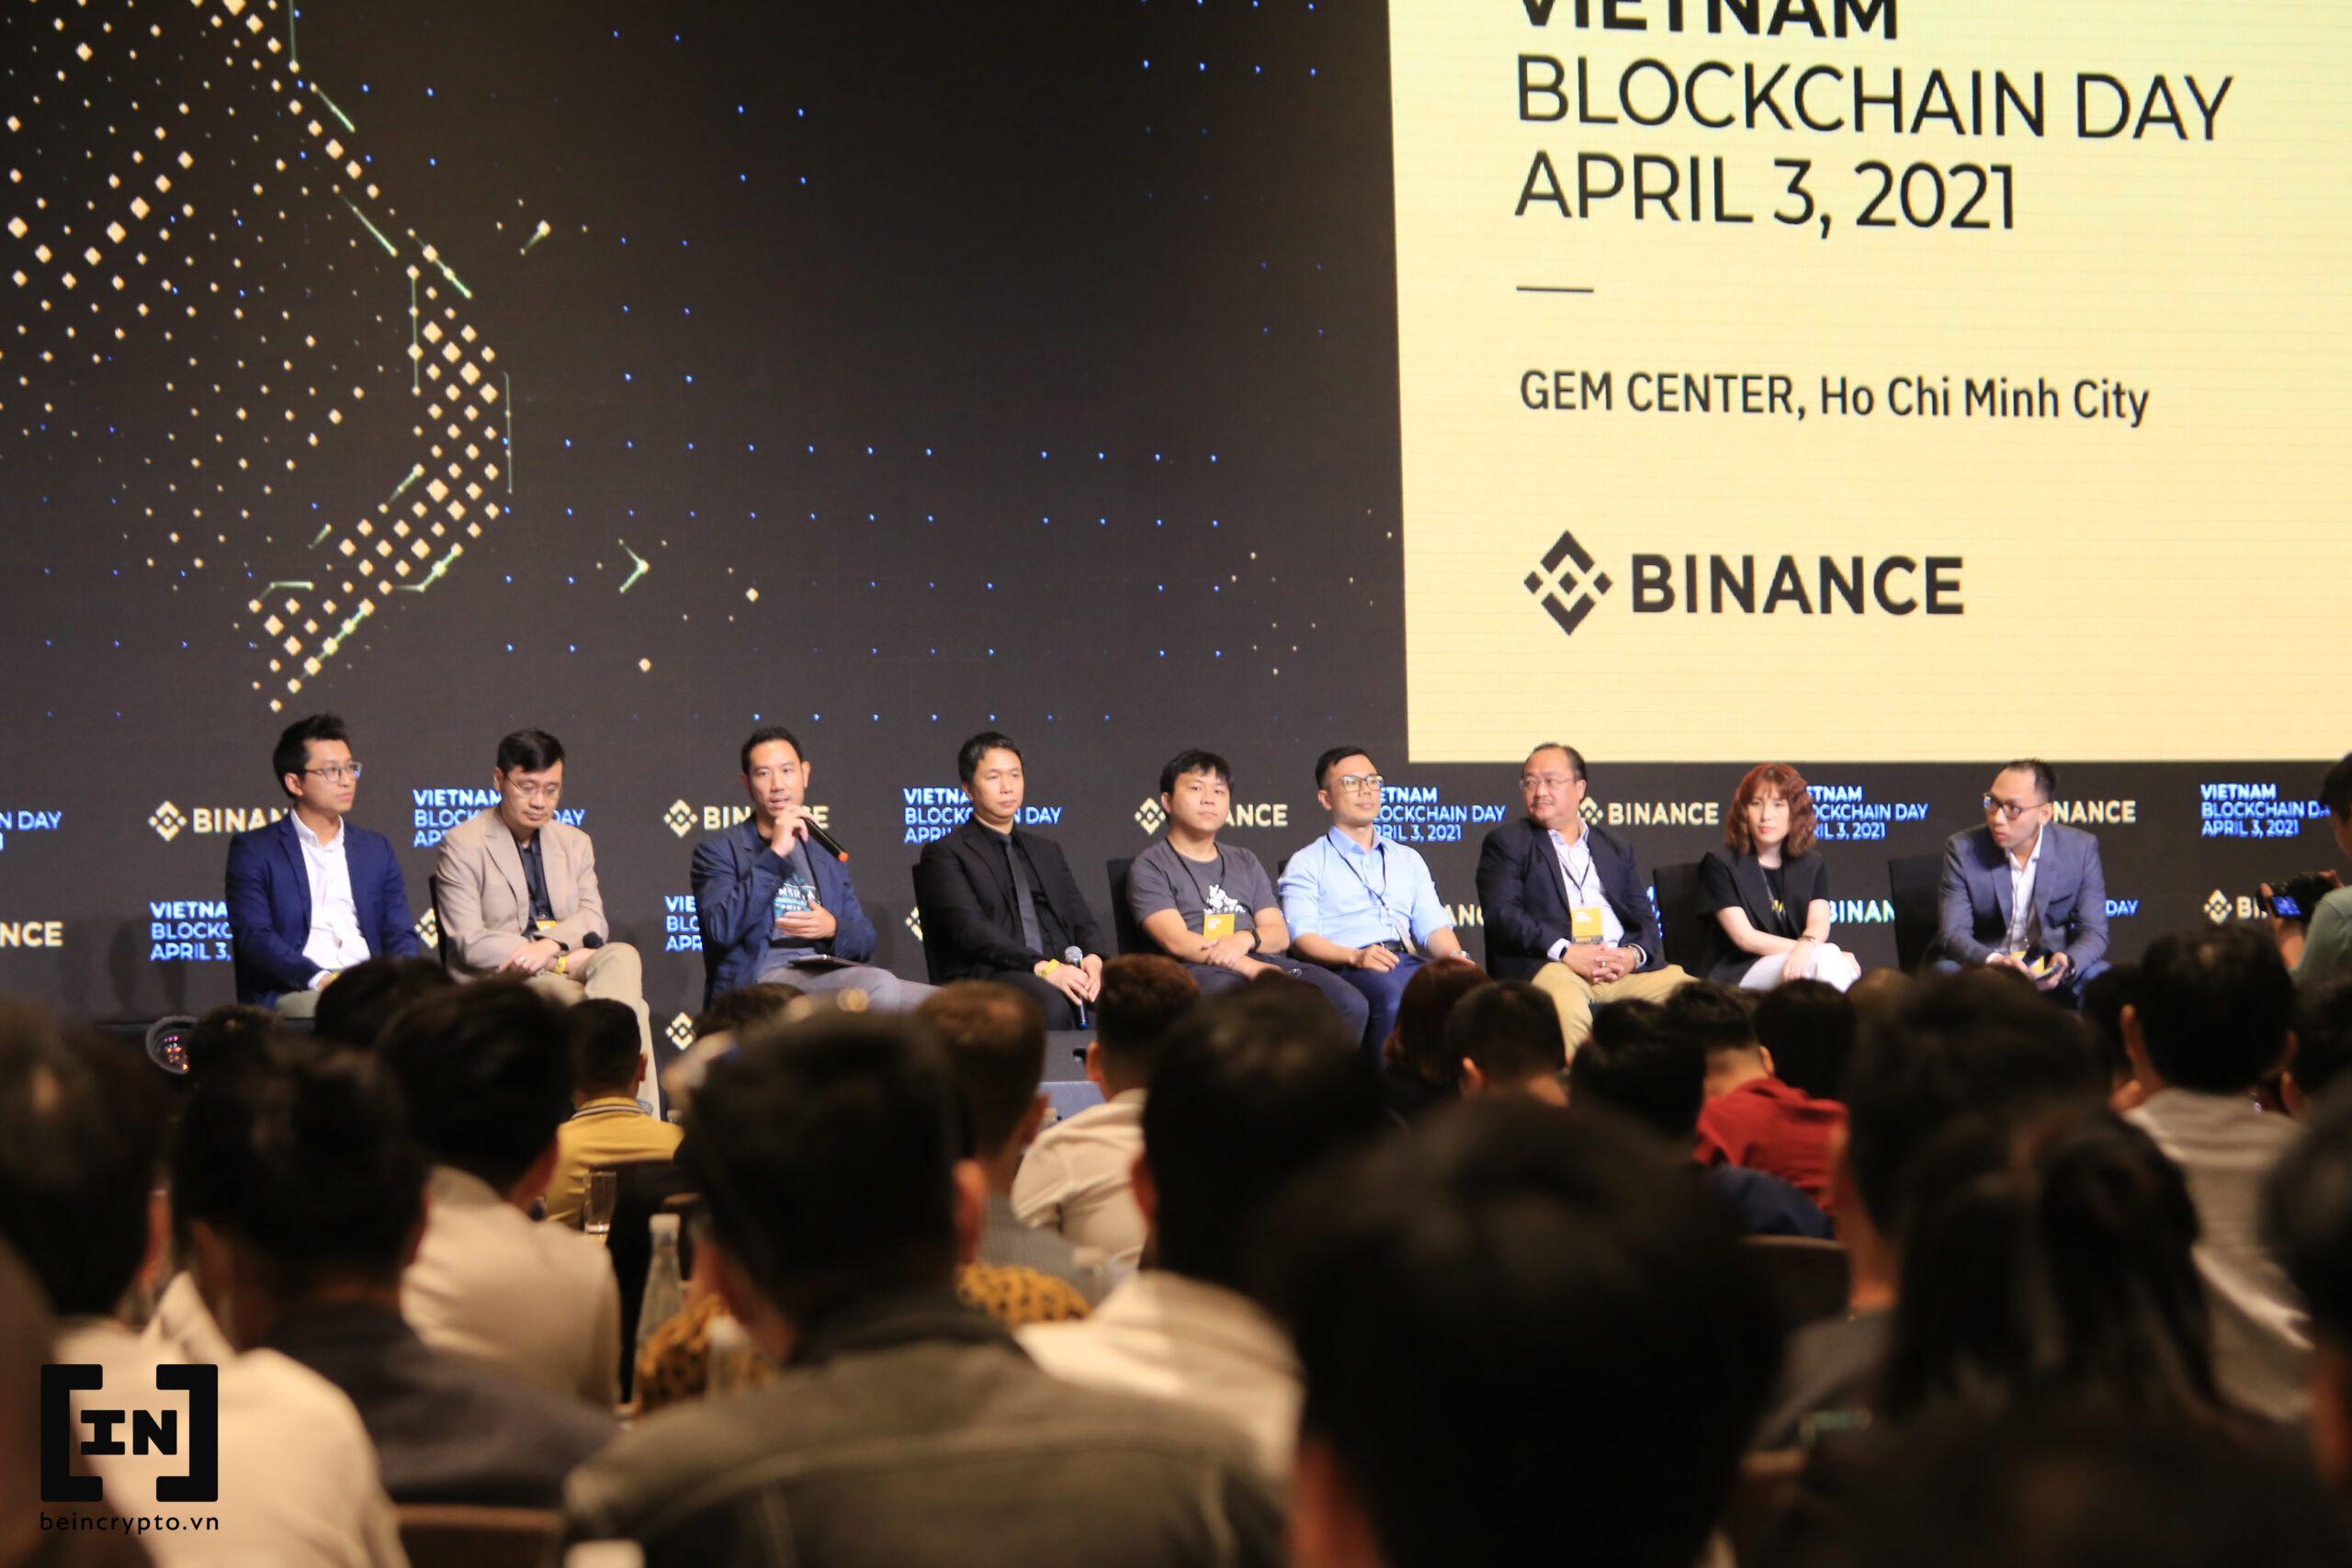 Kết thúc Việt Nam Blockchain Day: Nơi hội tụ các dự án tiềm năng - BeInCrypto Việt Nam